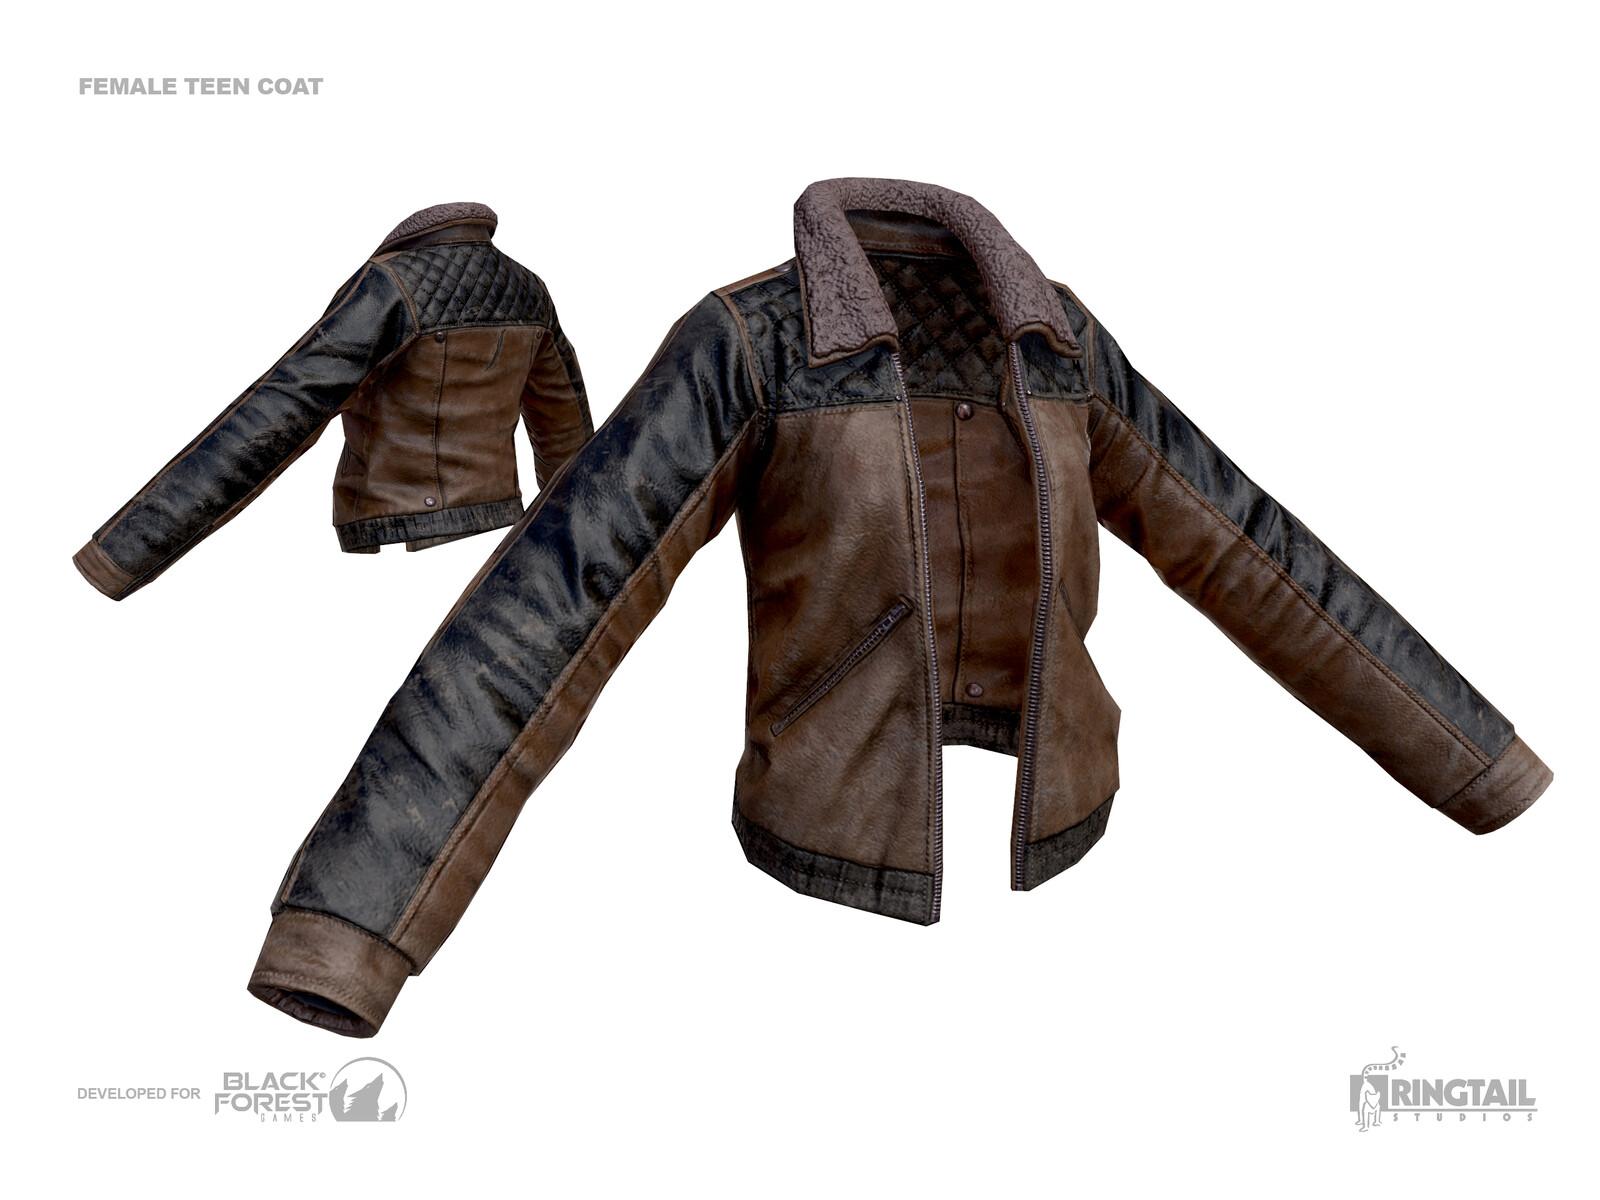 Female Teen Coat